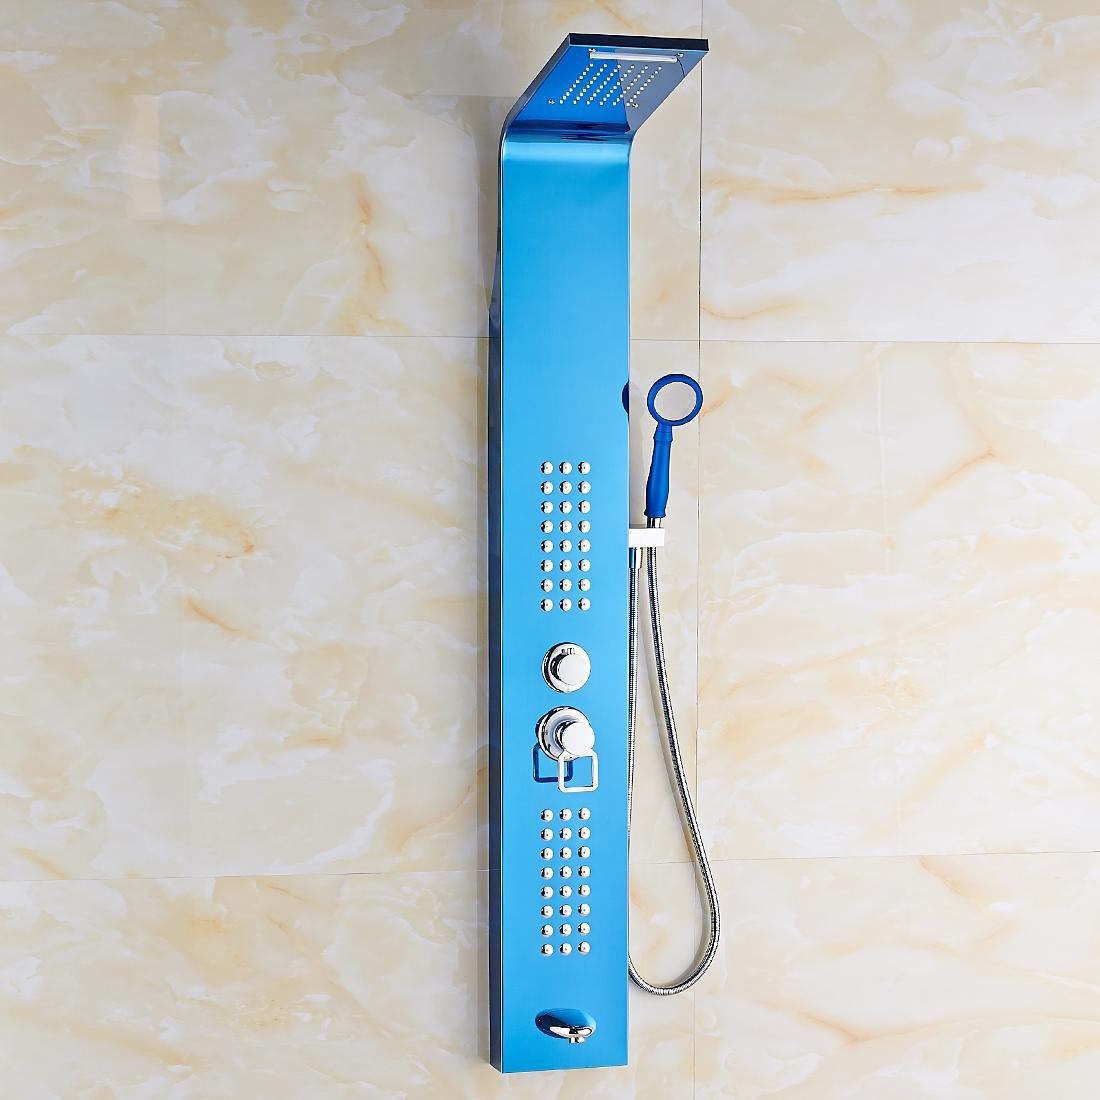 acero inoxidable 304 azul baño mampara de ducha traje nuevo ducha moderna europea - Garantía de 10 años: Amazon.es: Hogar